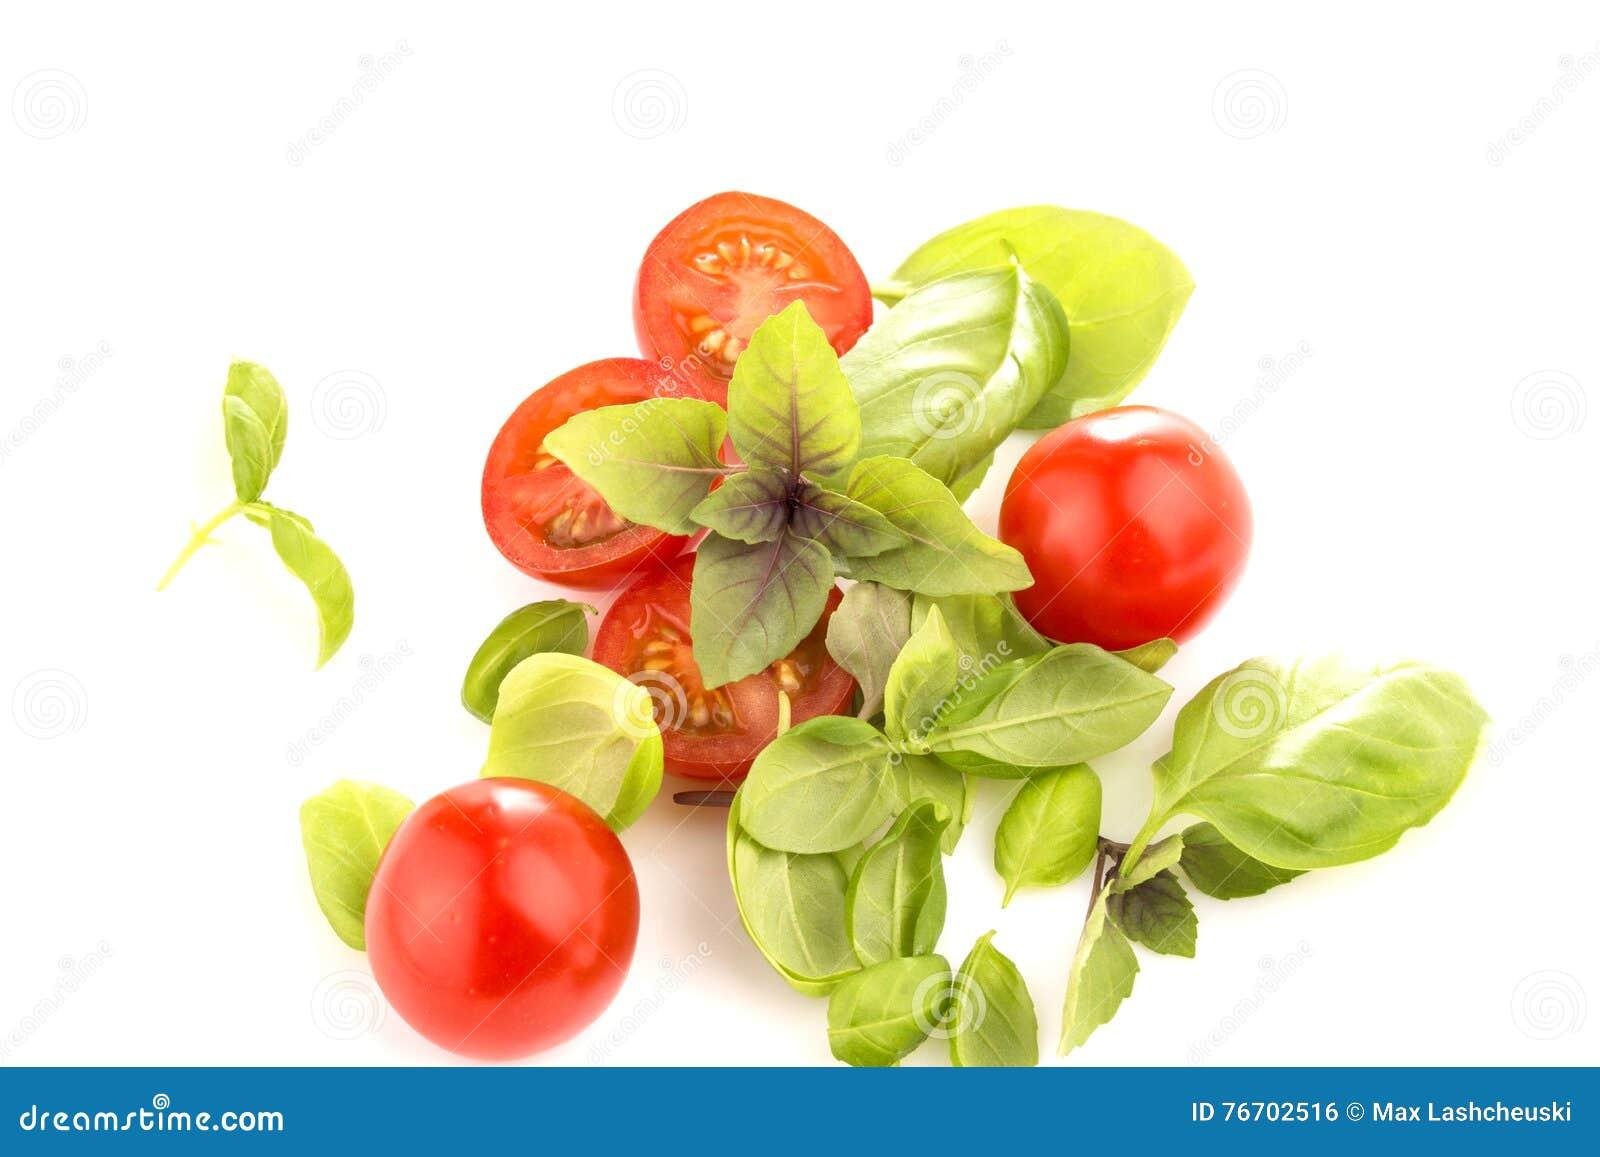 Tomates con albahaca en el fondo blanco